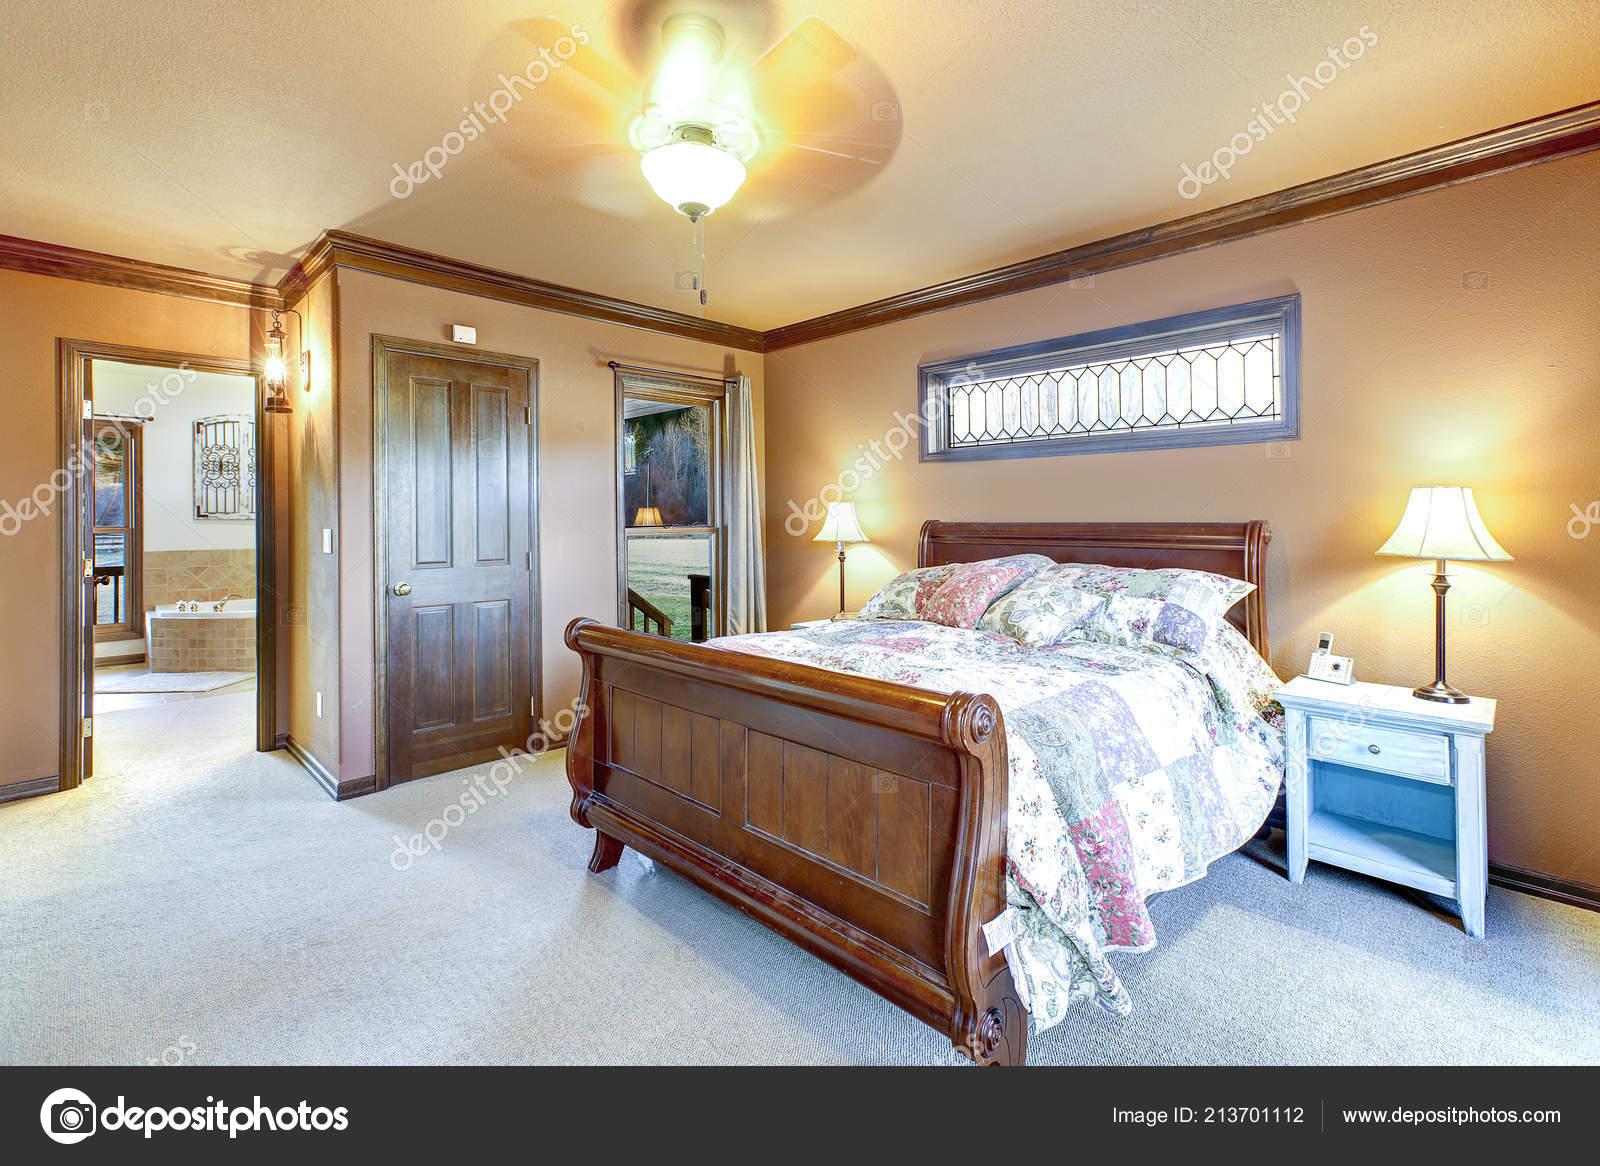 интерьер спальни деревянных санях Bed северо запад сша стоковое